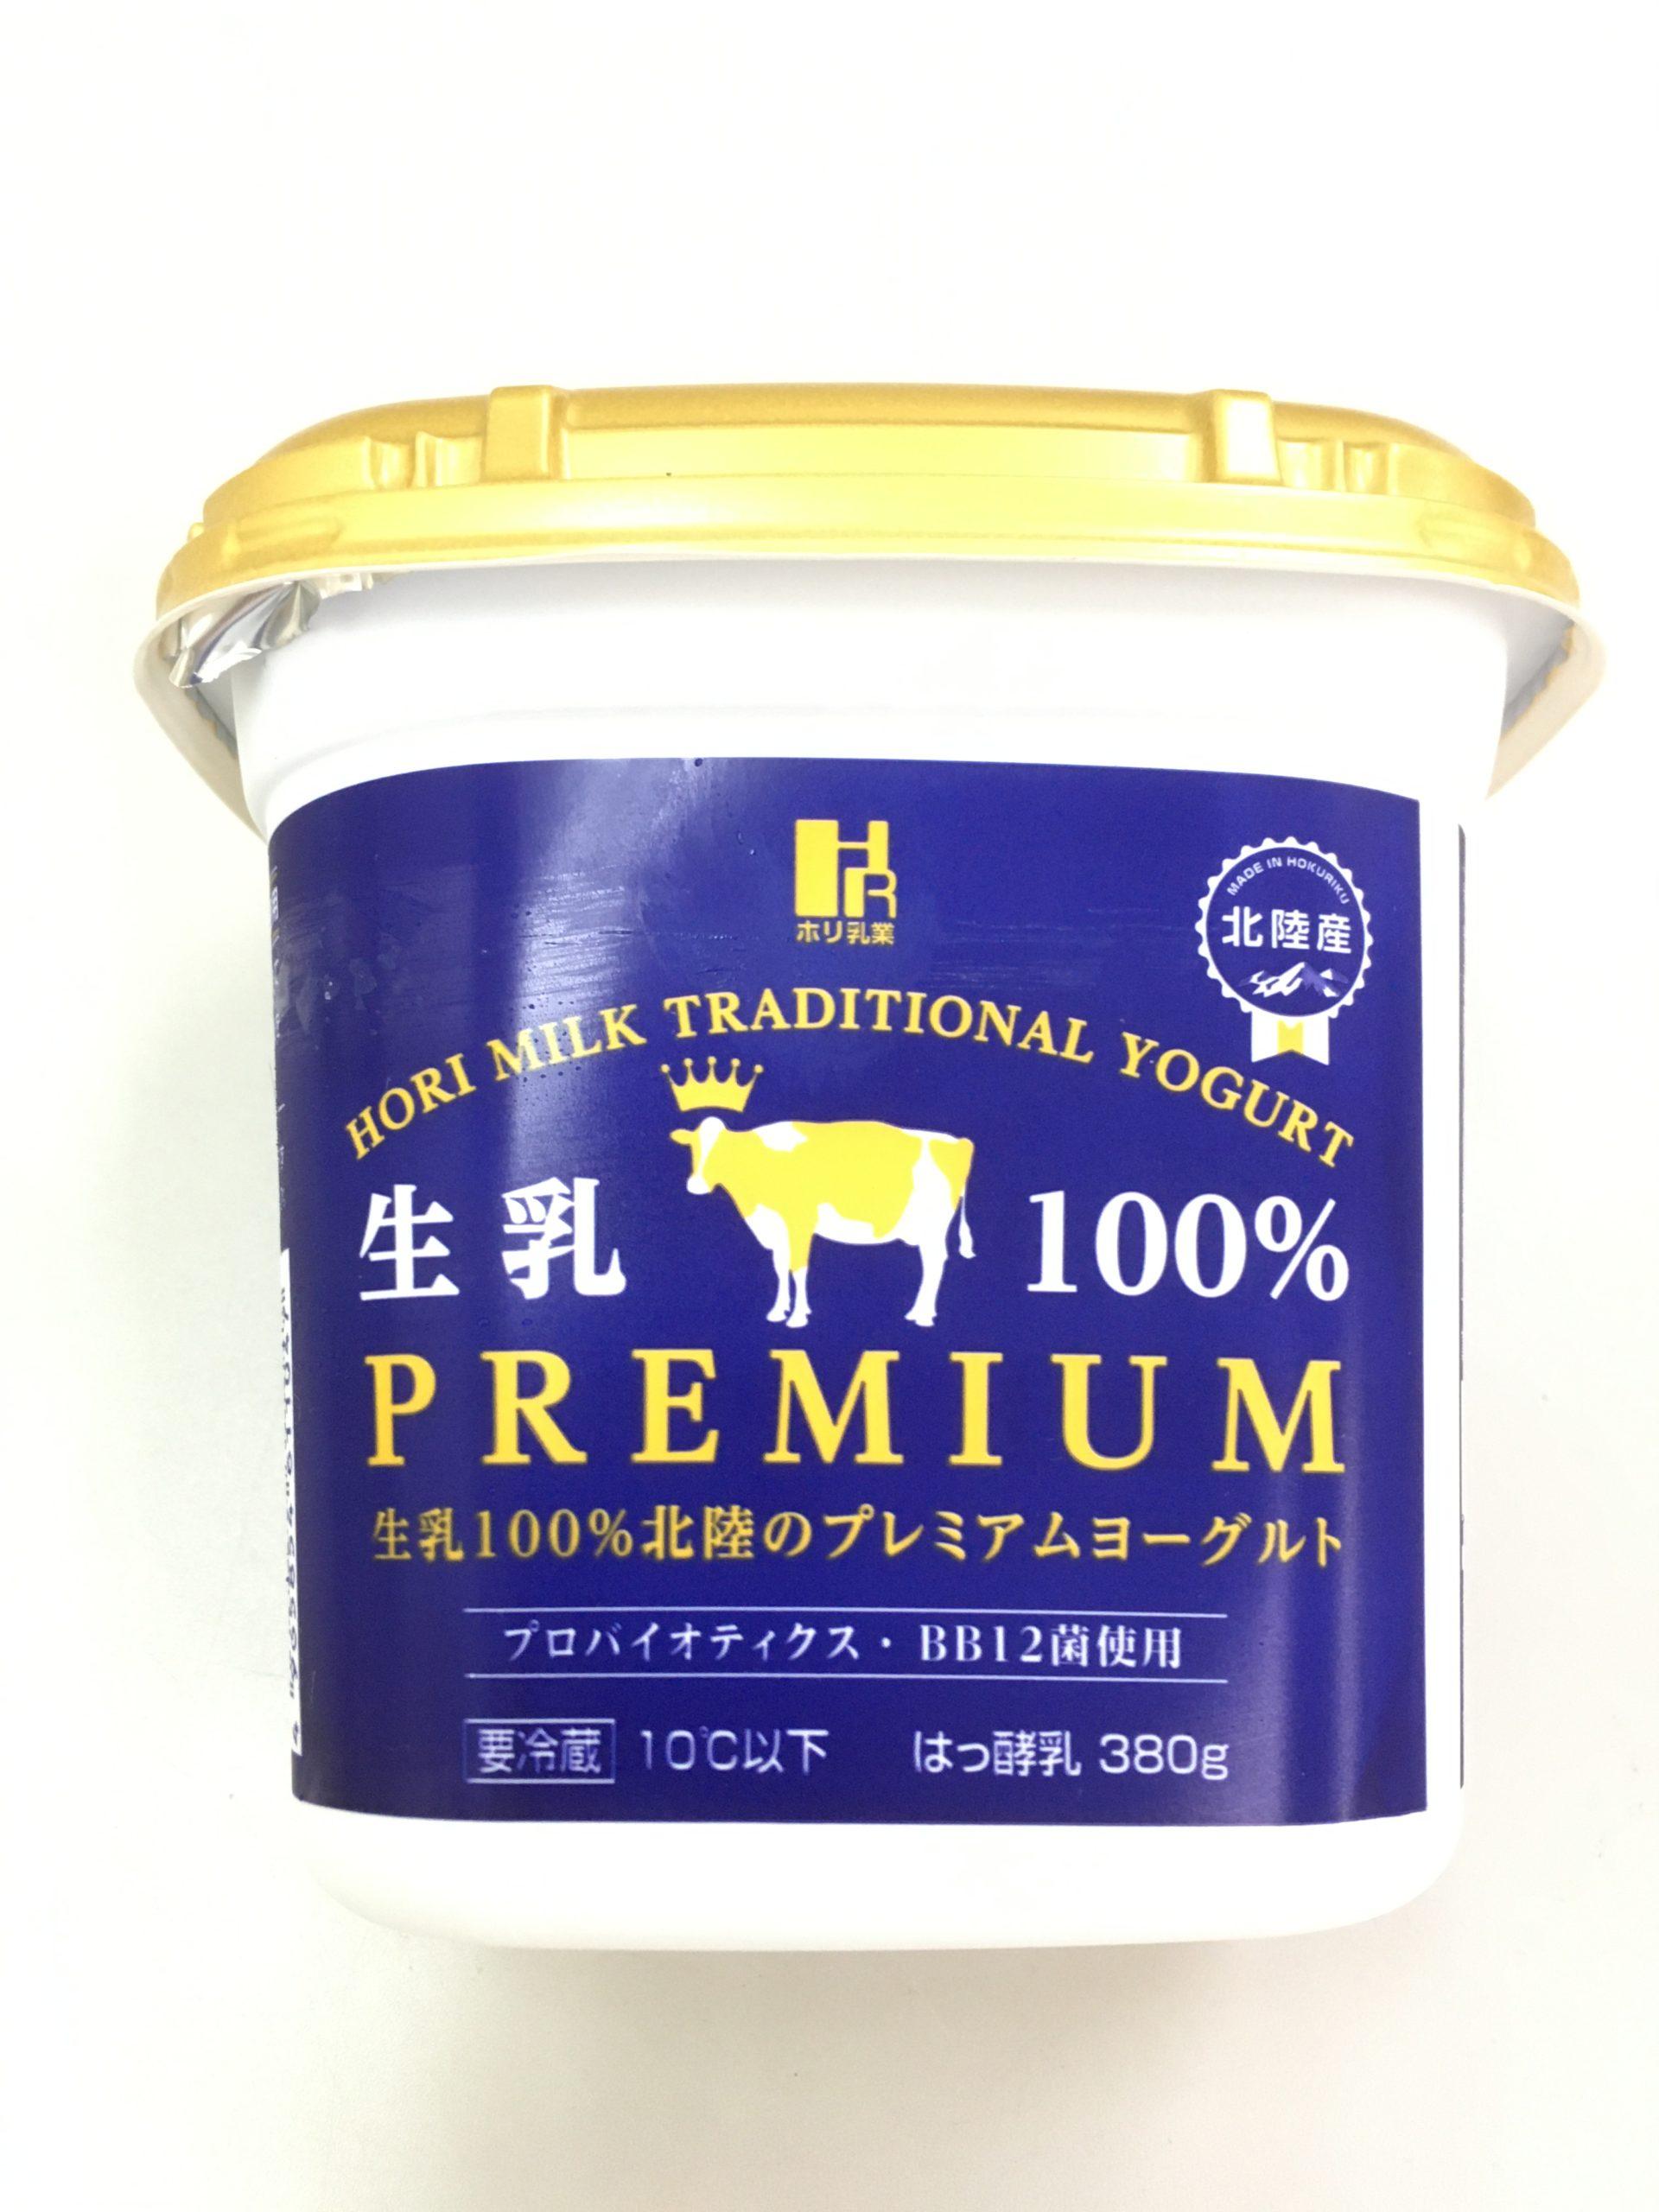 生乳100%北陸のプレミアムヨーグルト